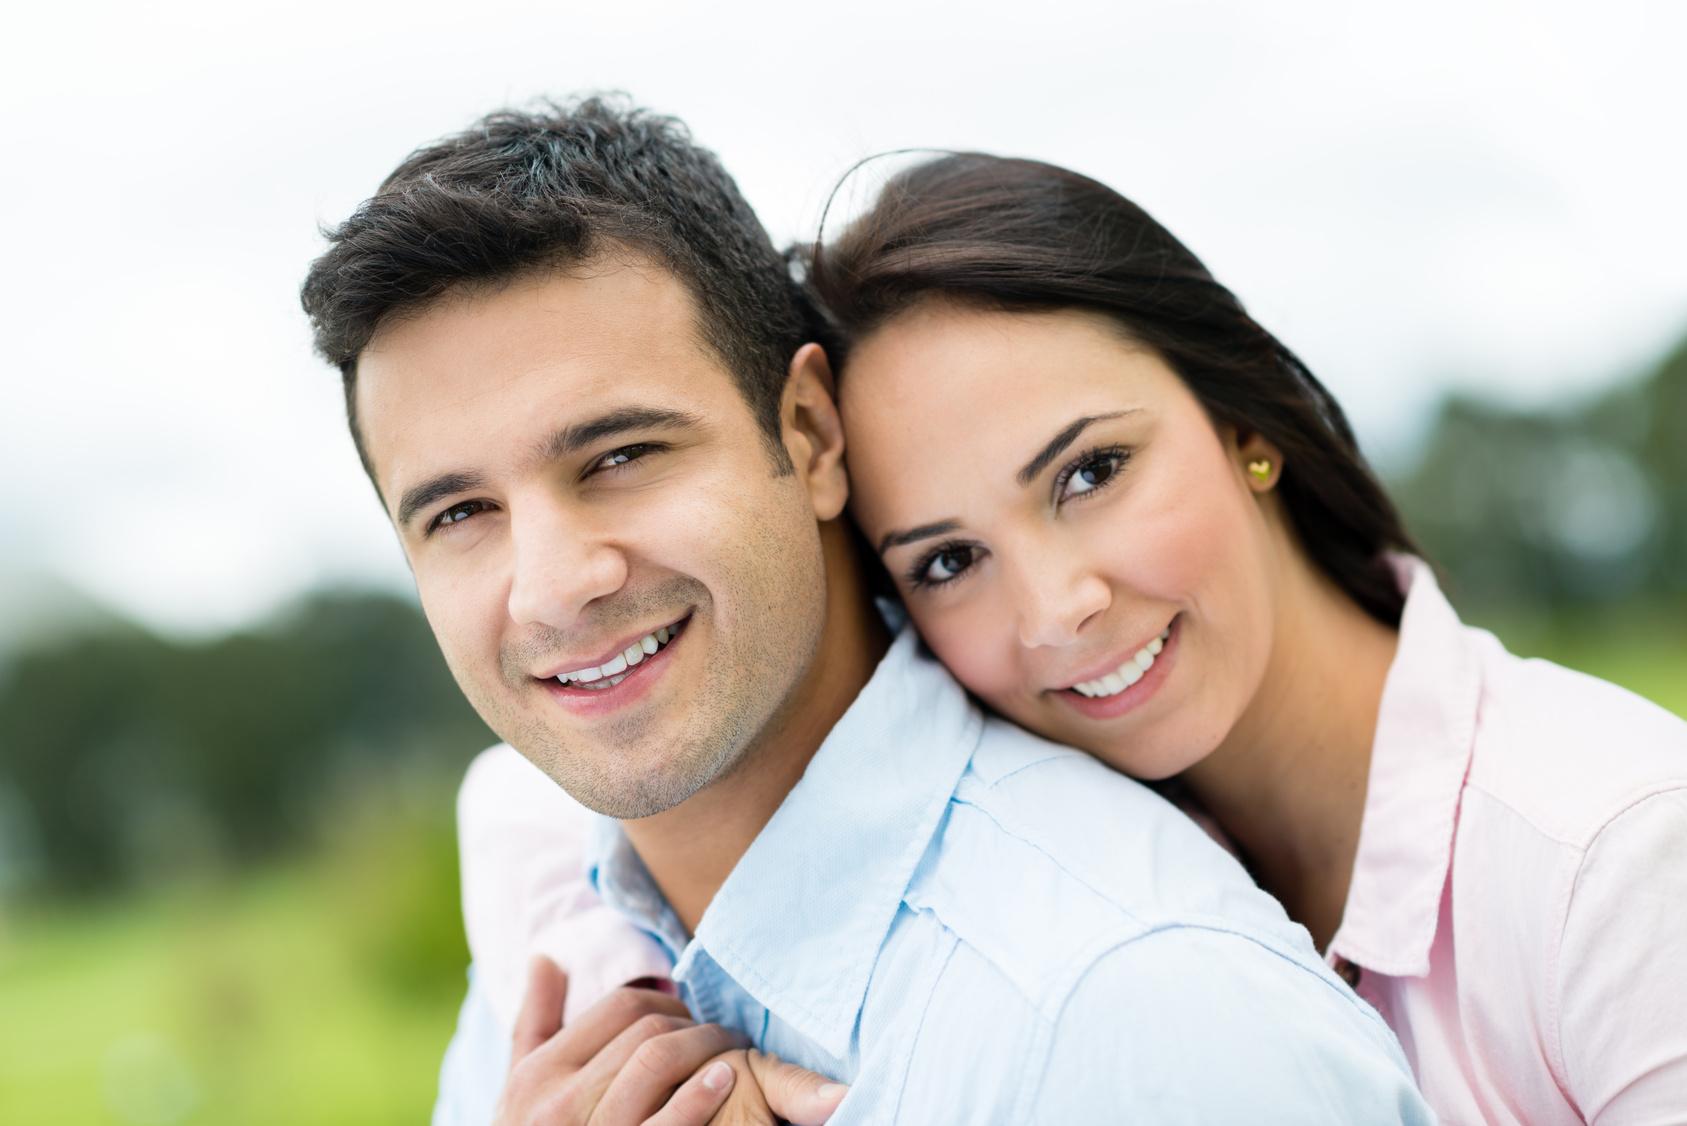 Як не конфліктувати з чоловіками: 5 порад від Маші Єфросиніної